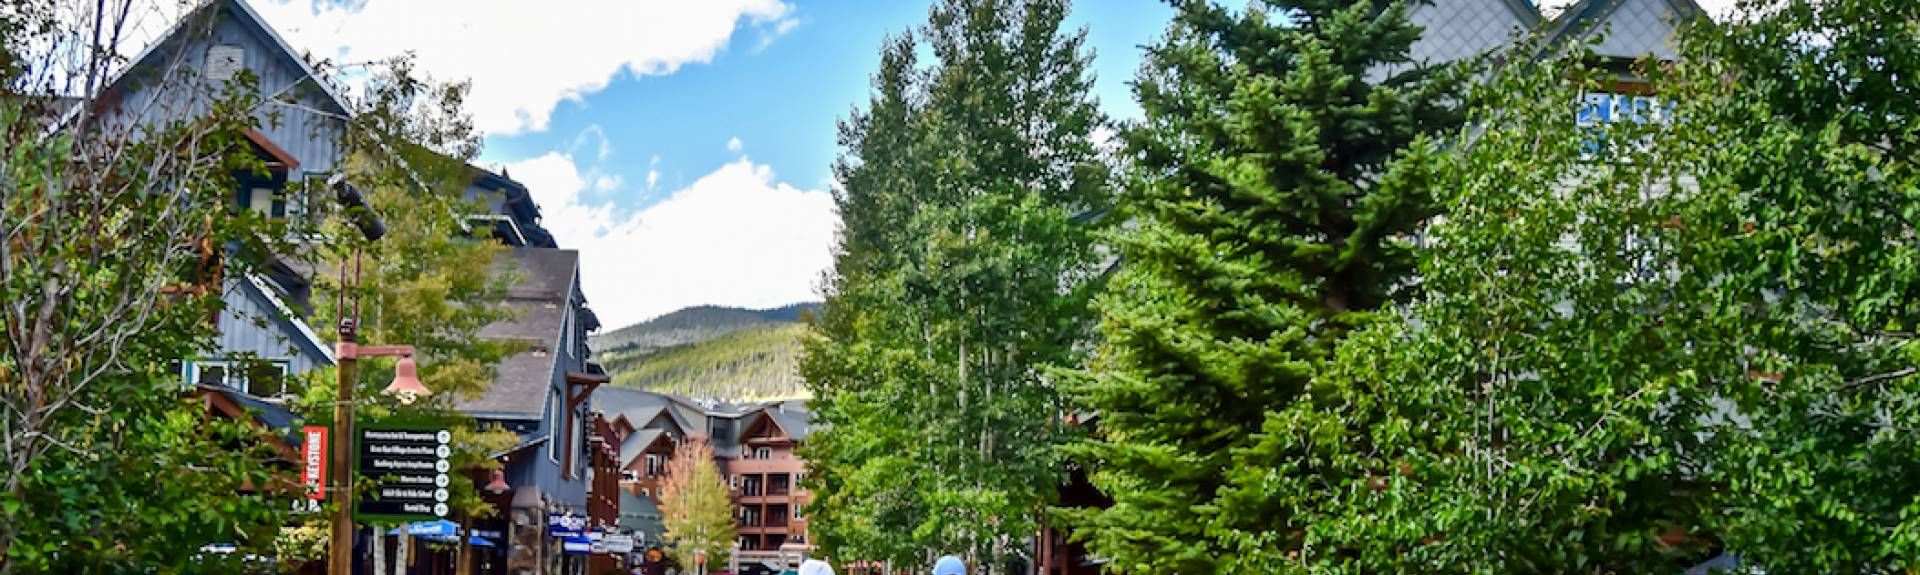 Keystone Ski Resort, Keystone, Colorado, Verenigde Staten